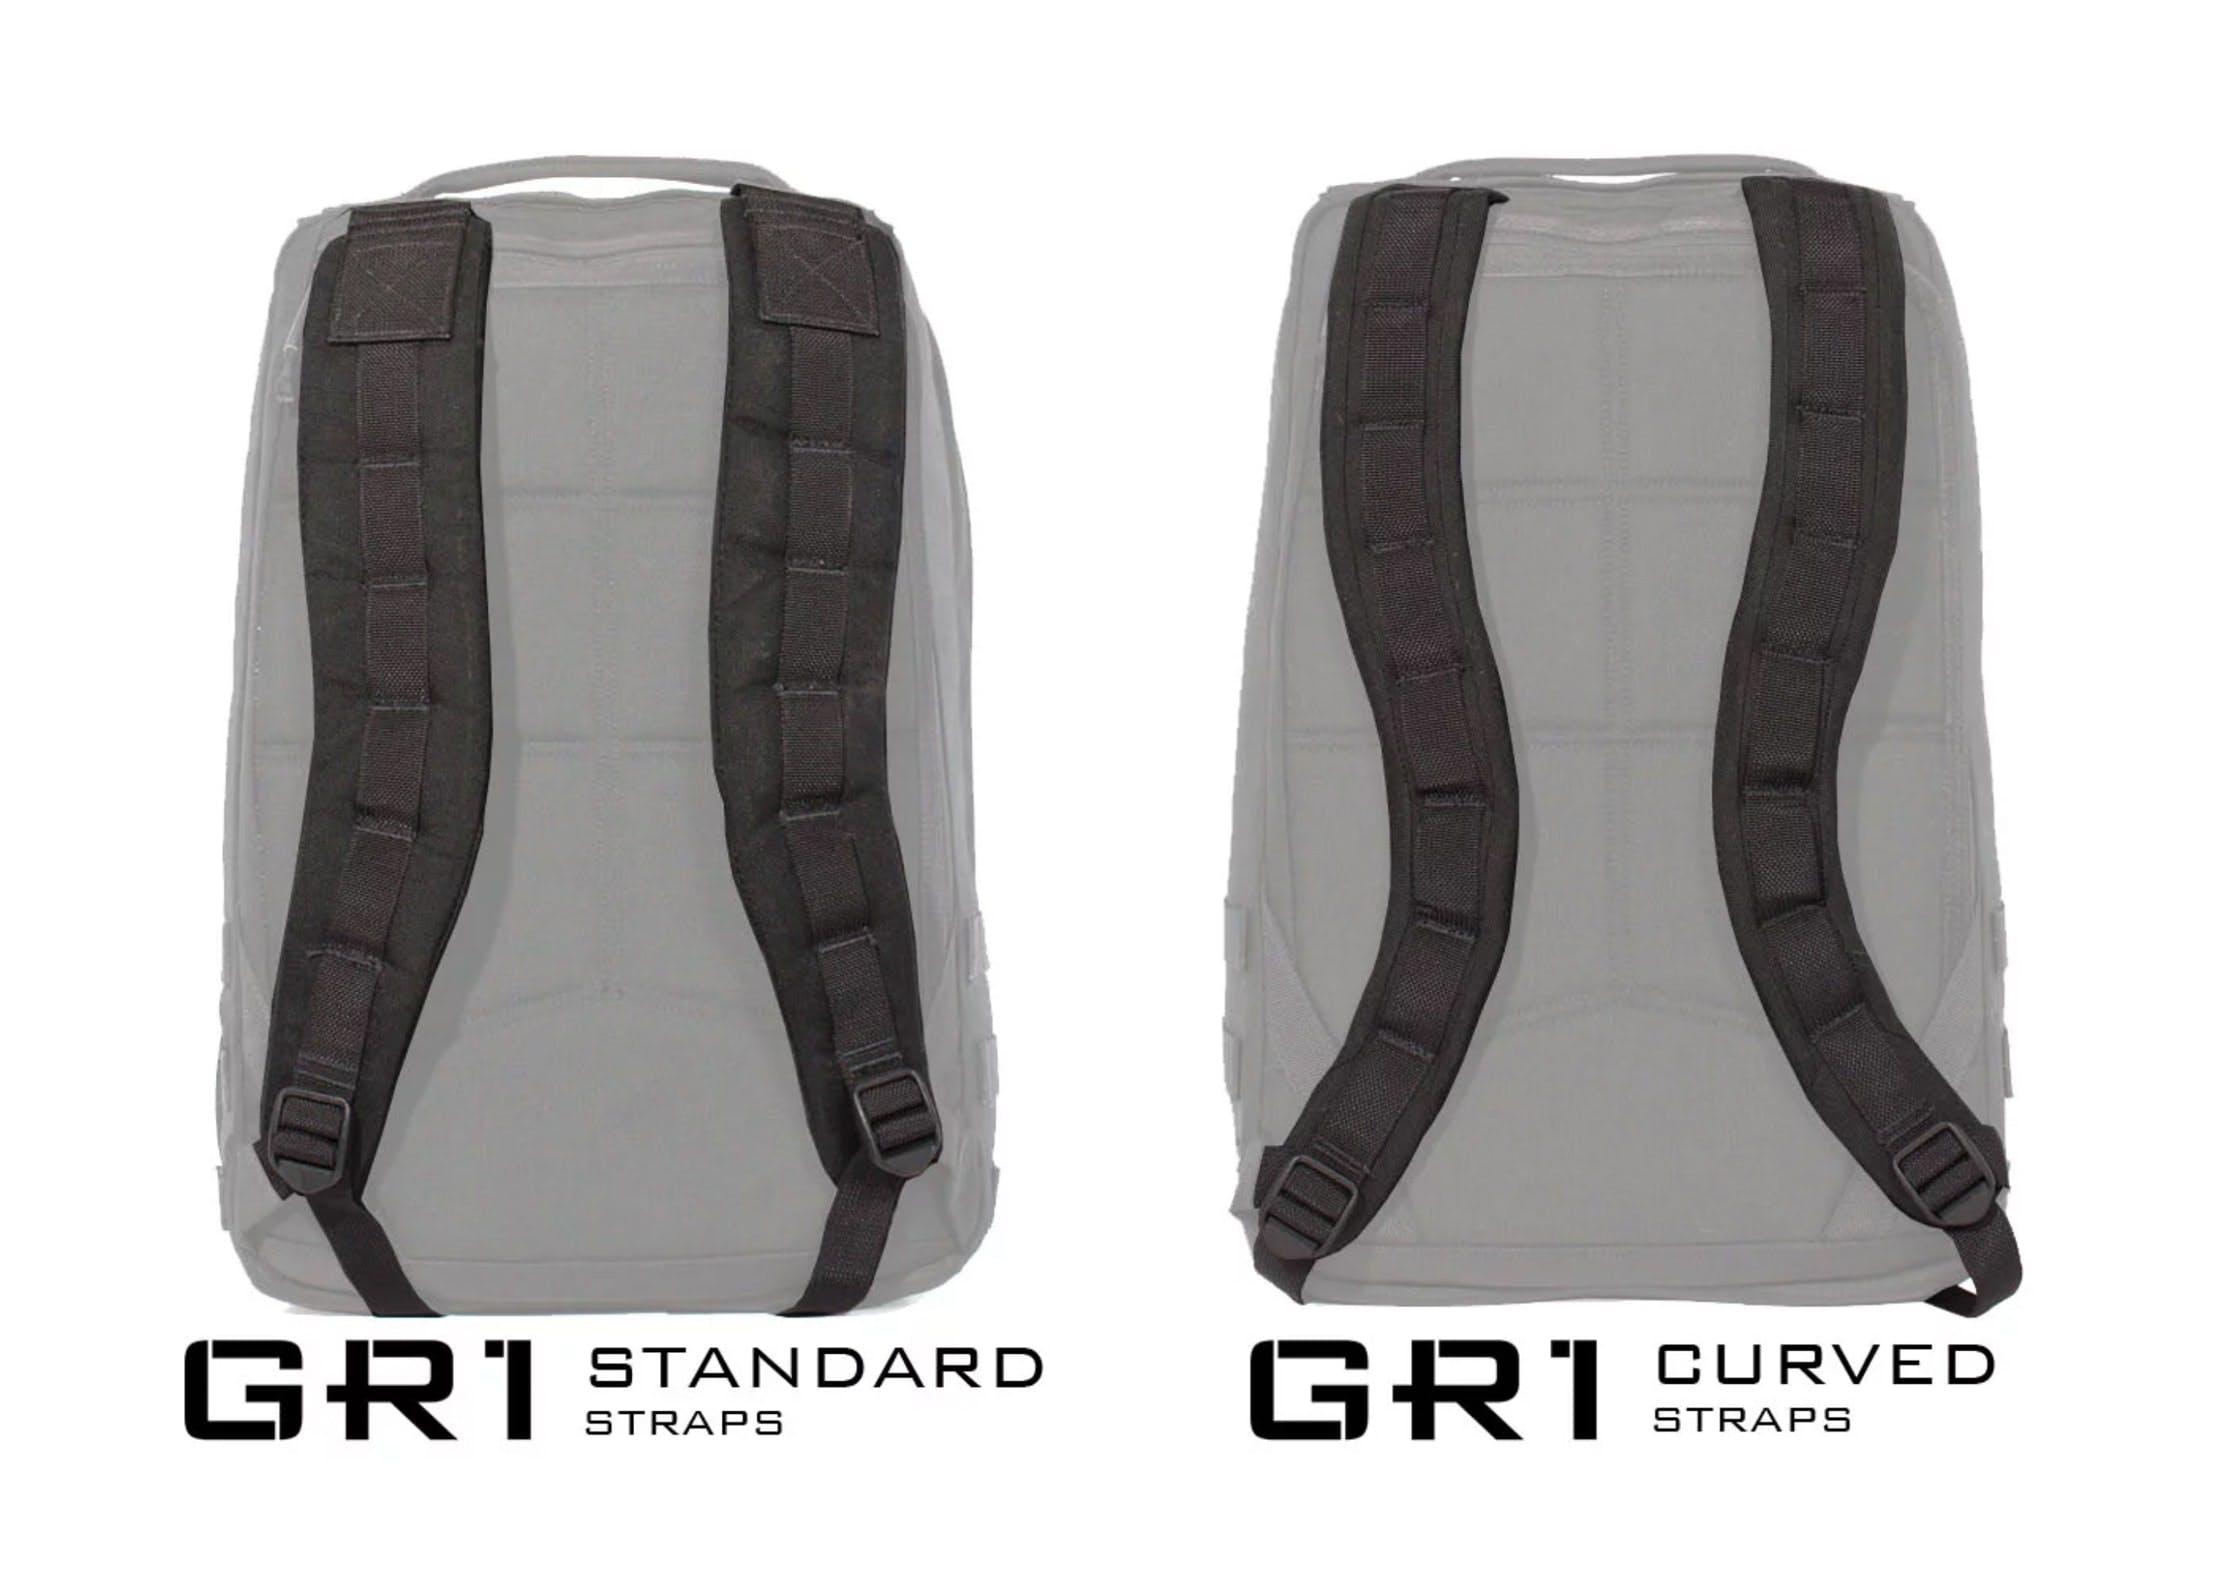 GORUCK GR1 Curved Straps